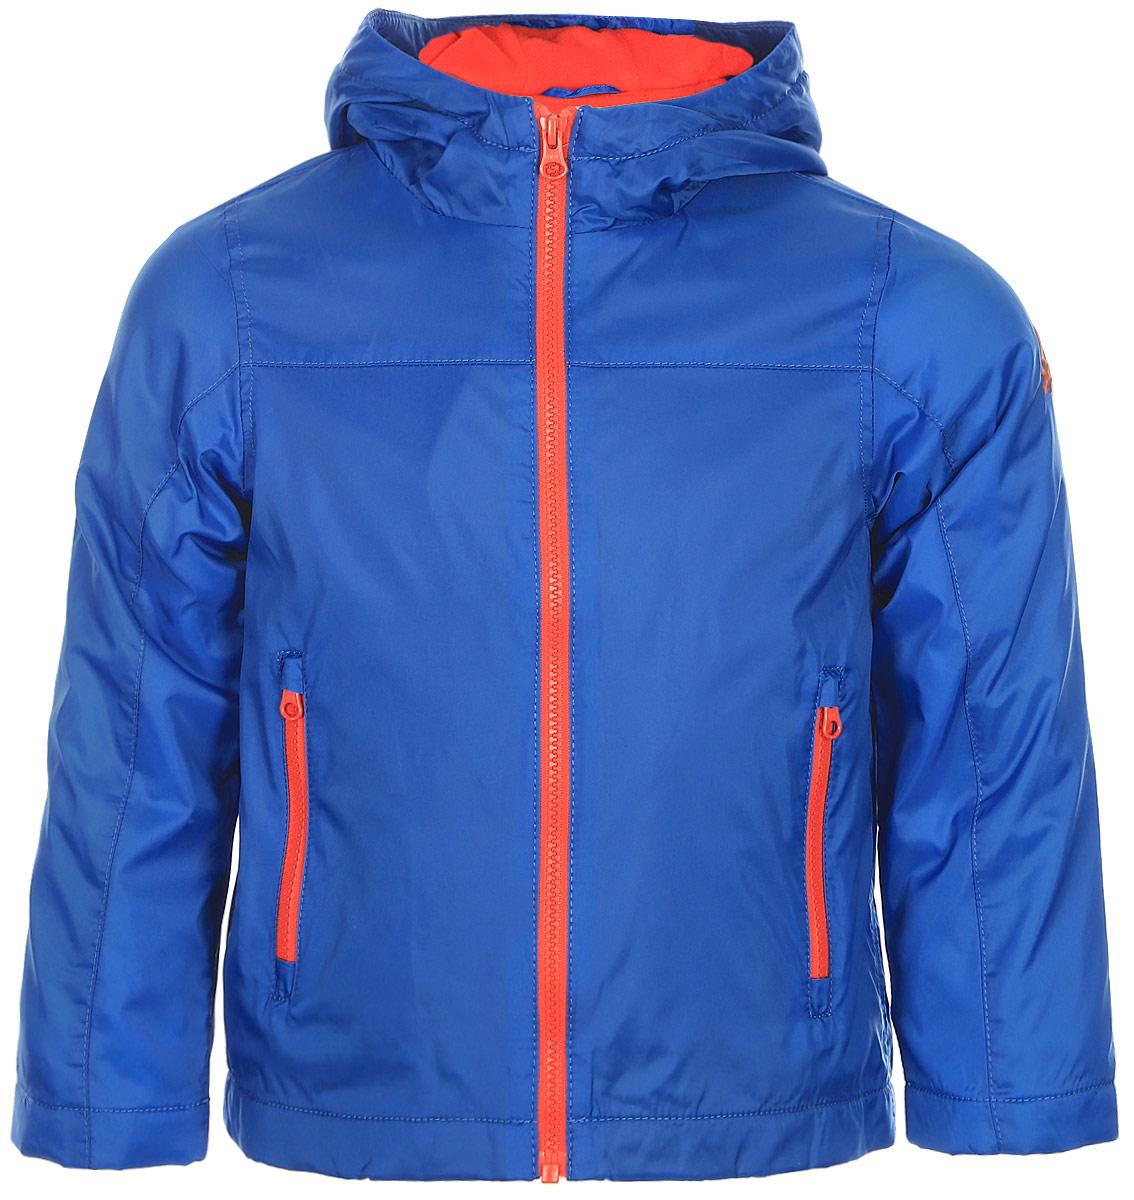 Куртка для мальчика United Colors of Benetton, цвет: синий. 2BL553AC0_33M. Размер 1302BL553AC0_33MКуртка для мальчика United Colors of Benetton выполнена из полиамида. Модель с капюшоном и длинными рукавами застегивается на застежку-молнию.